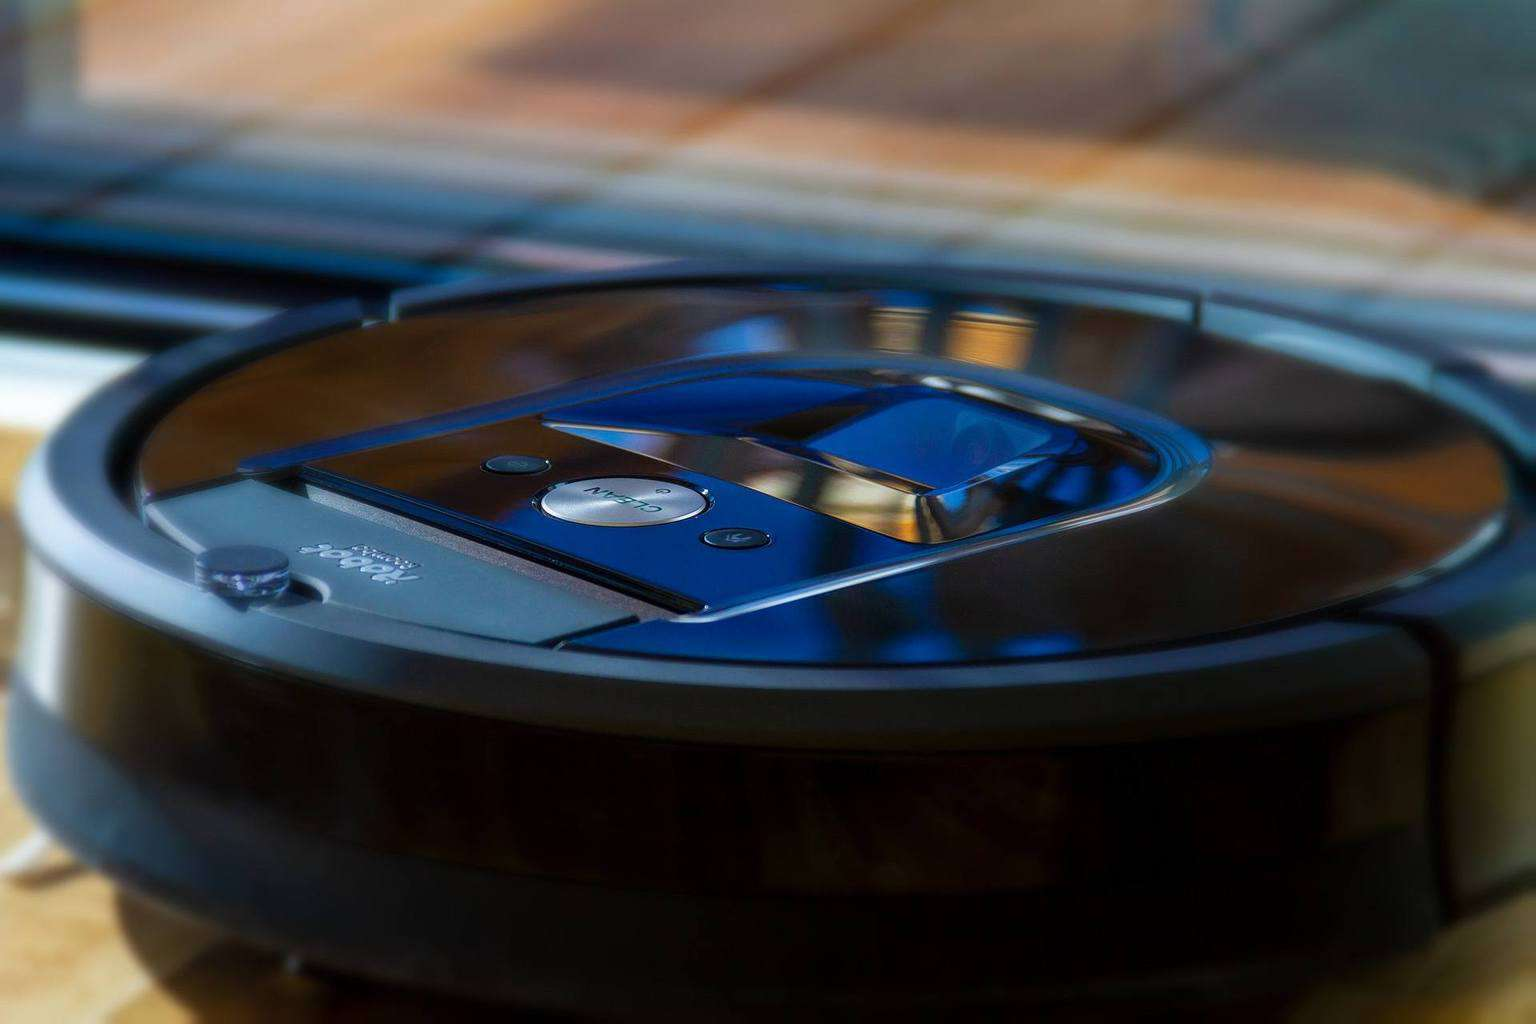 Close up of an iRobot vacuum